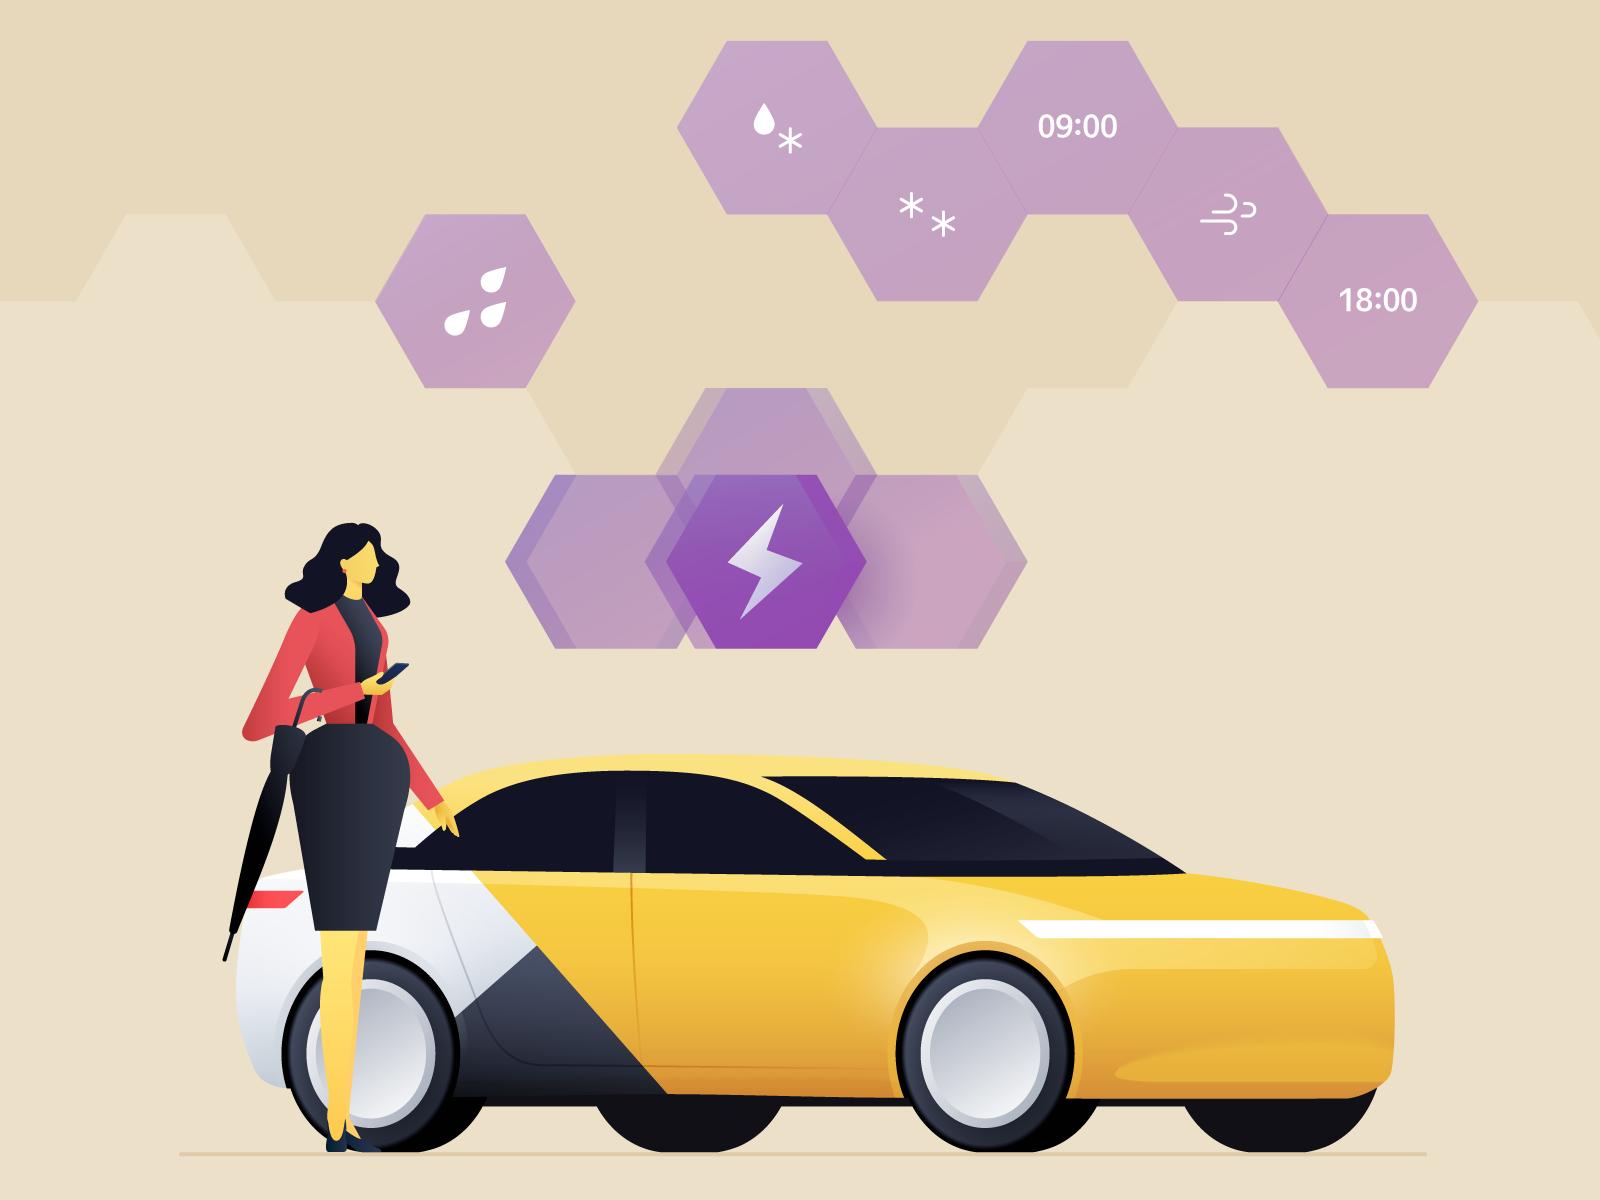 Динамическое ценообразование, или Как Яндекс.Такси прогнозирует высокий спр ...